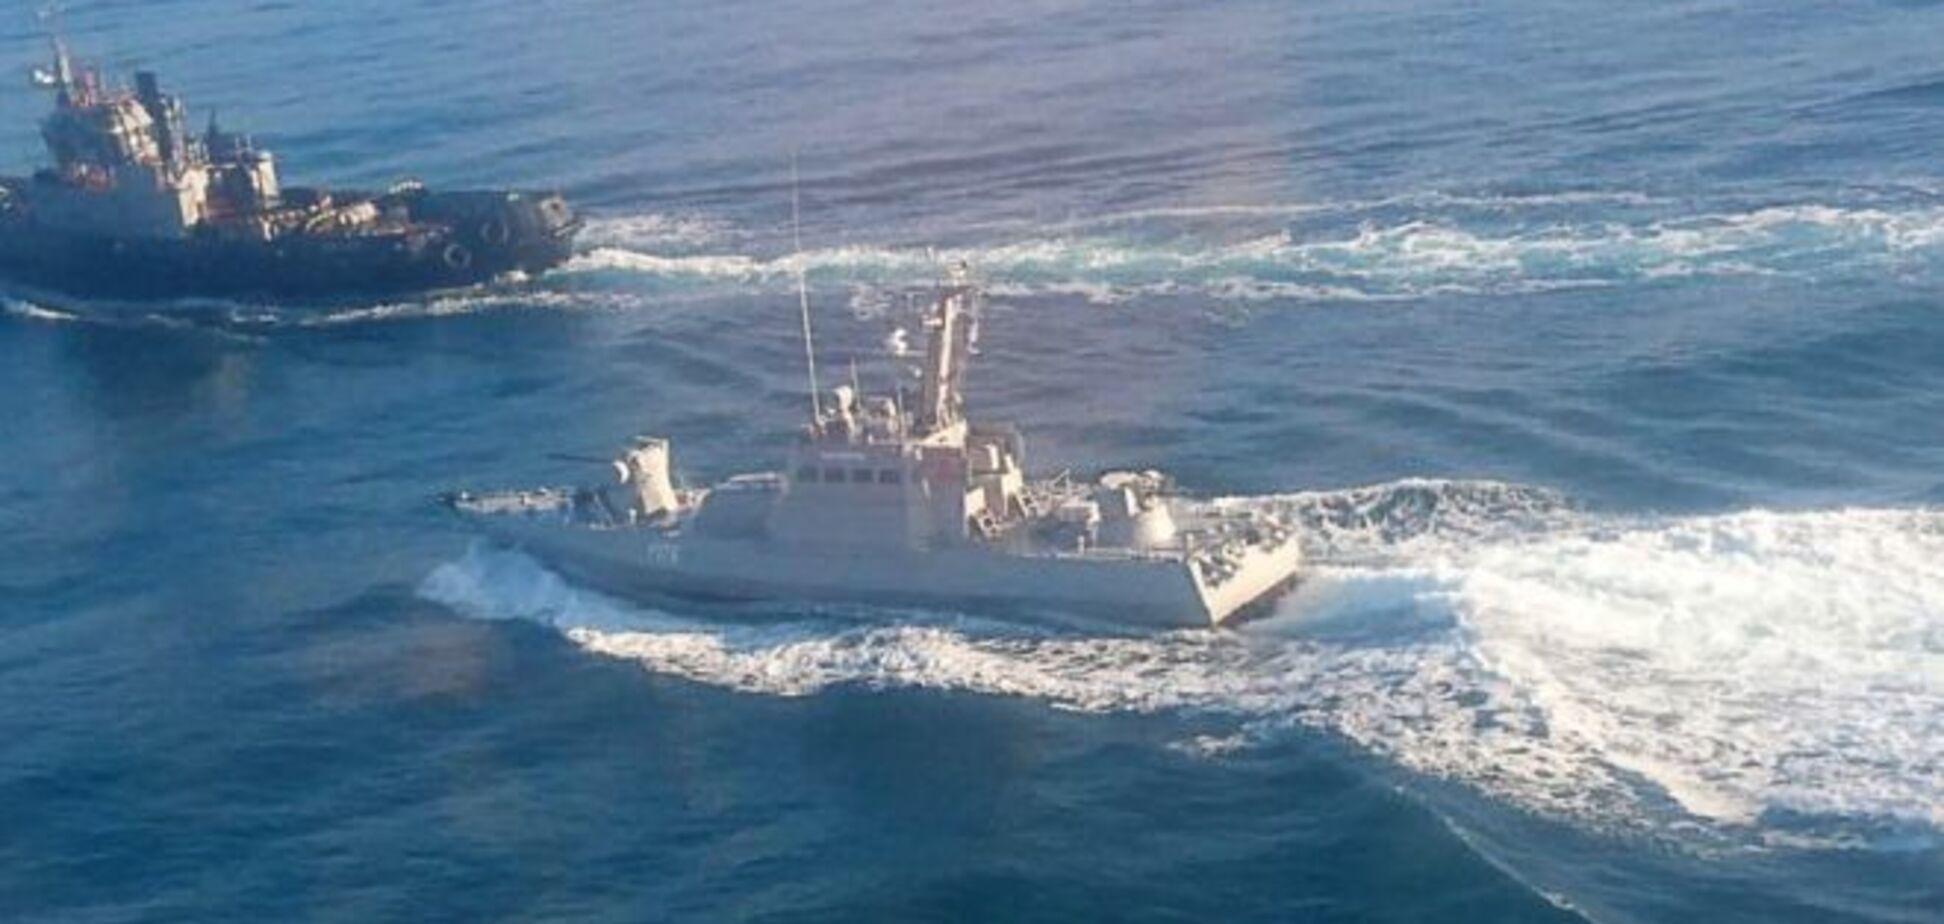 Морський бій Росії і України: з'ясувалося, що врятувало від повномасштабної війни